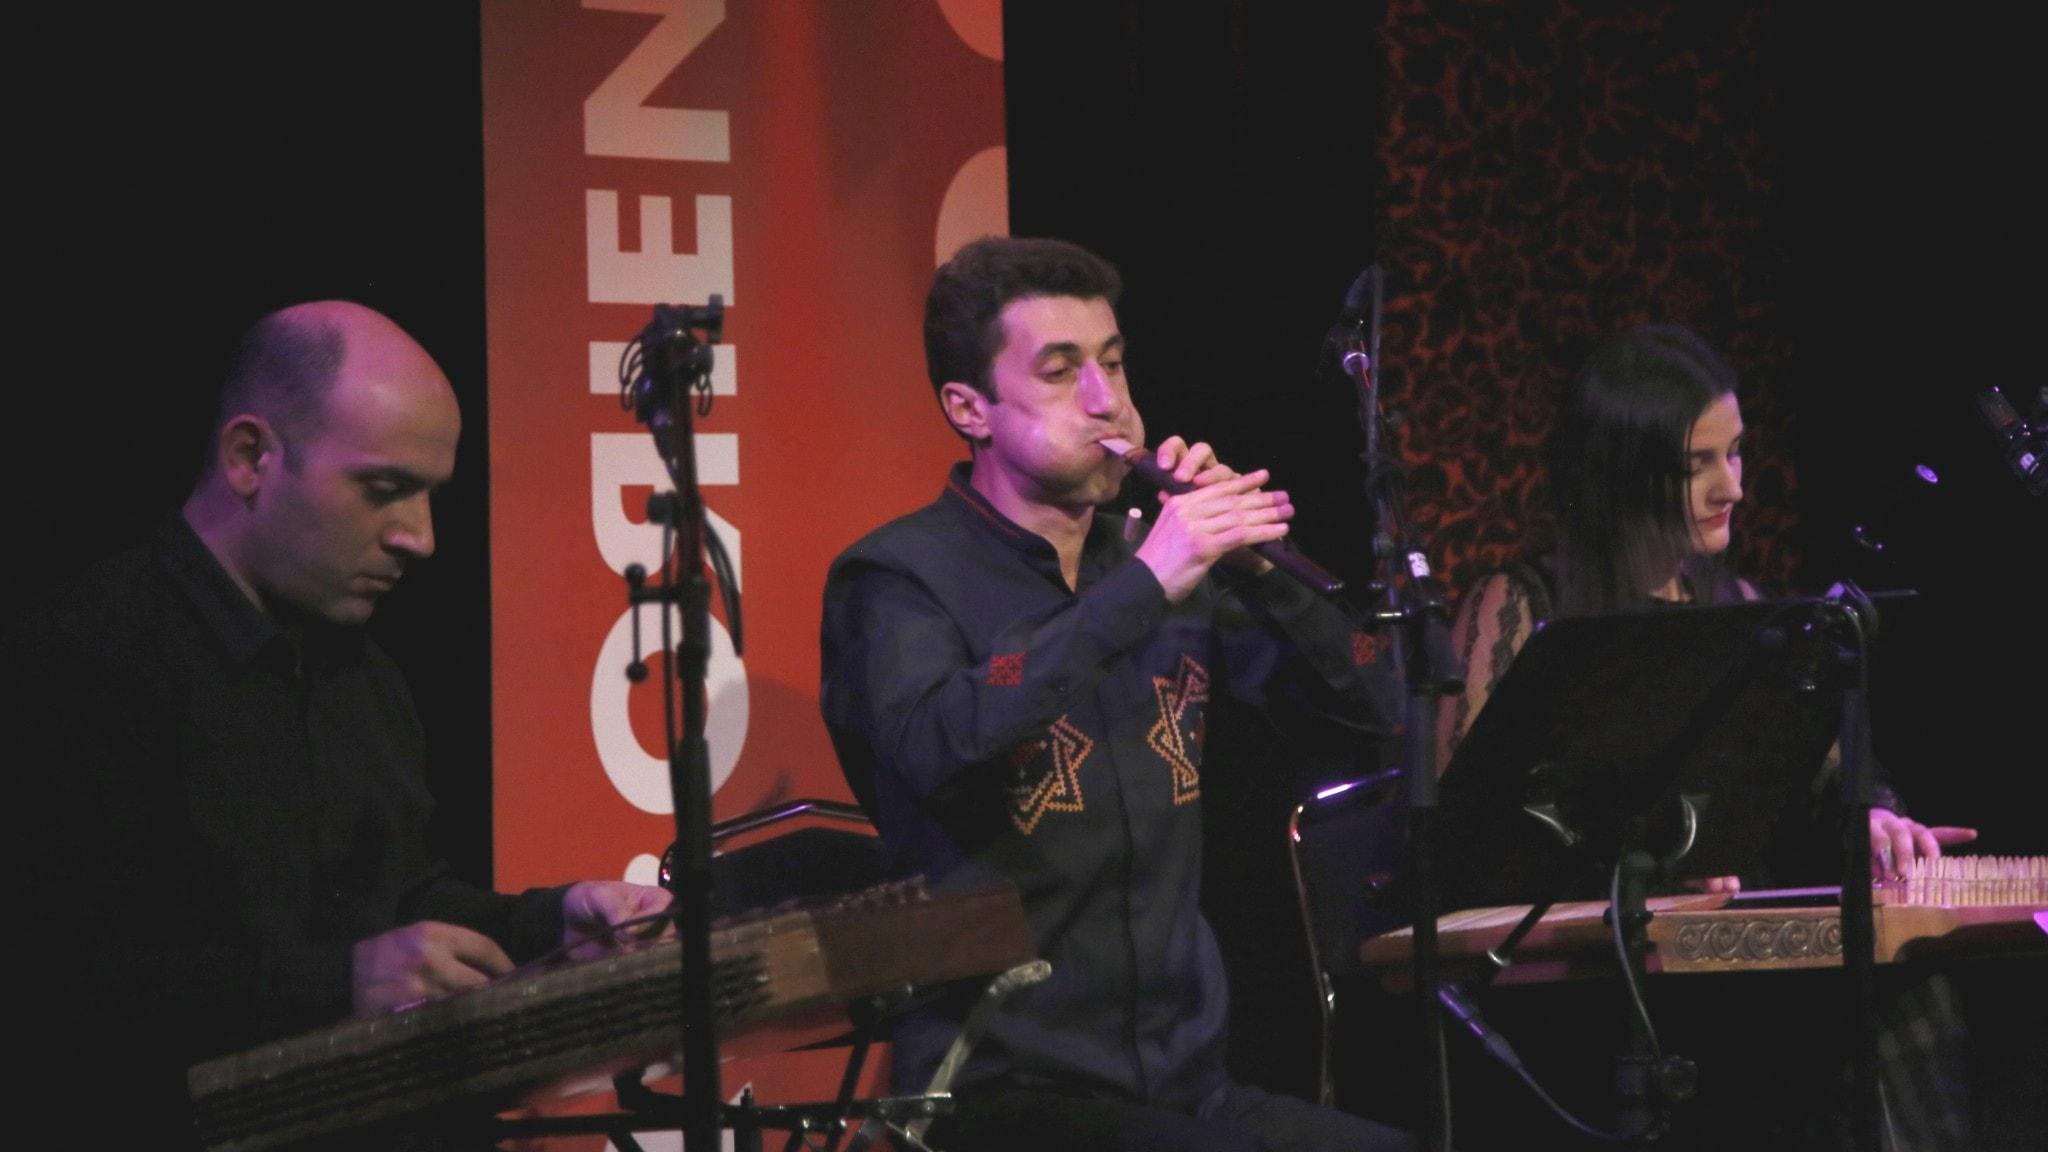 KONSERT: Armenisk musik – tusen år mellan öst och väst - spela